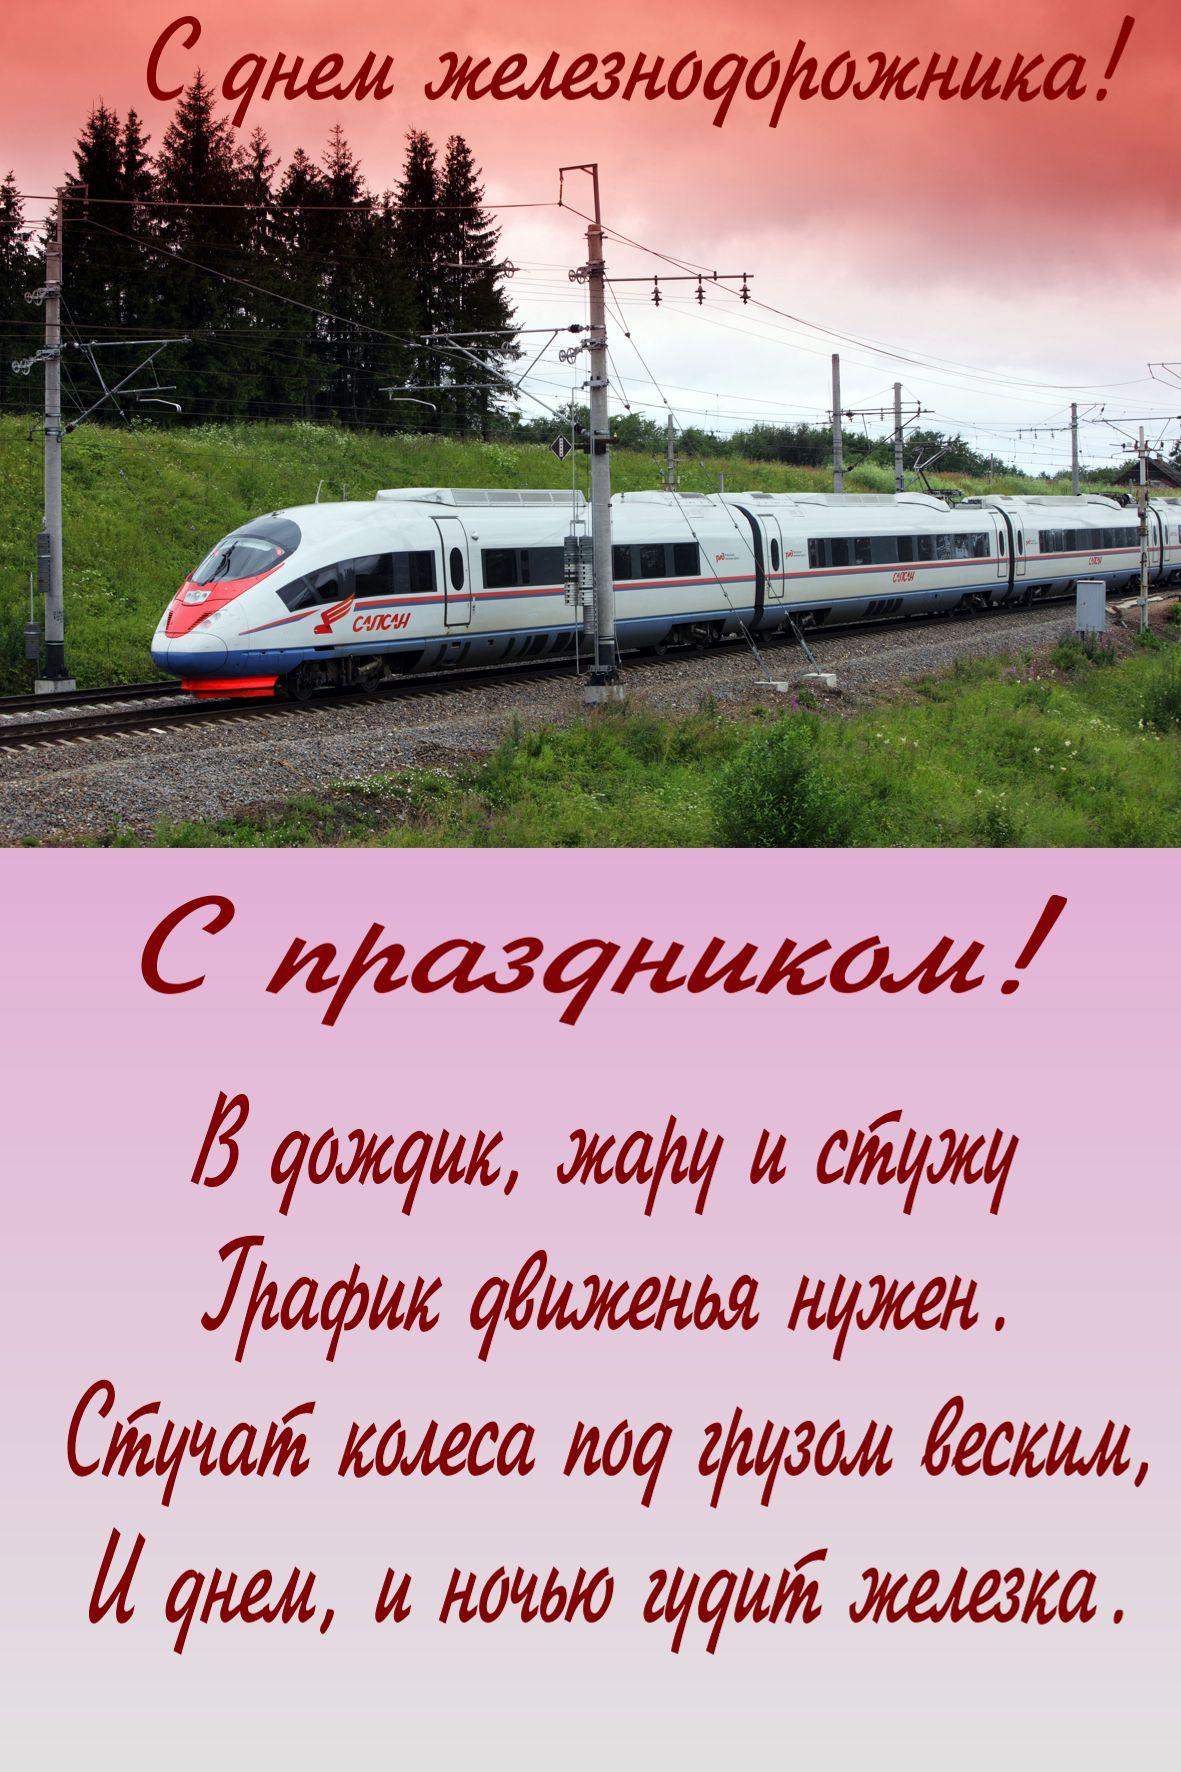 Смс поздравления железнодорожников